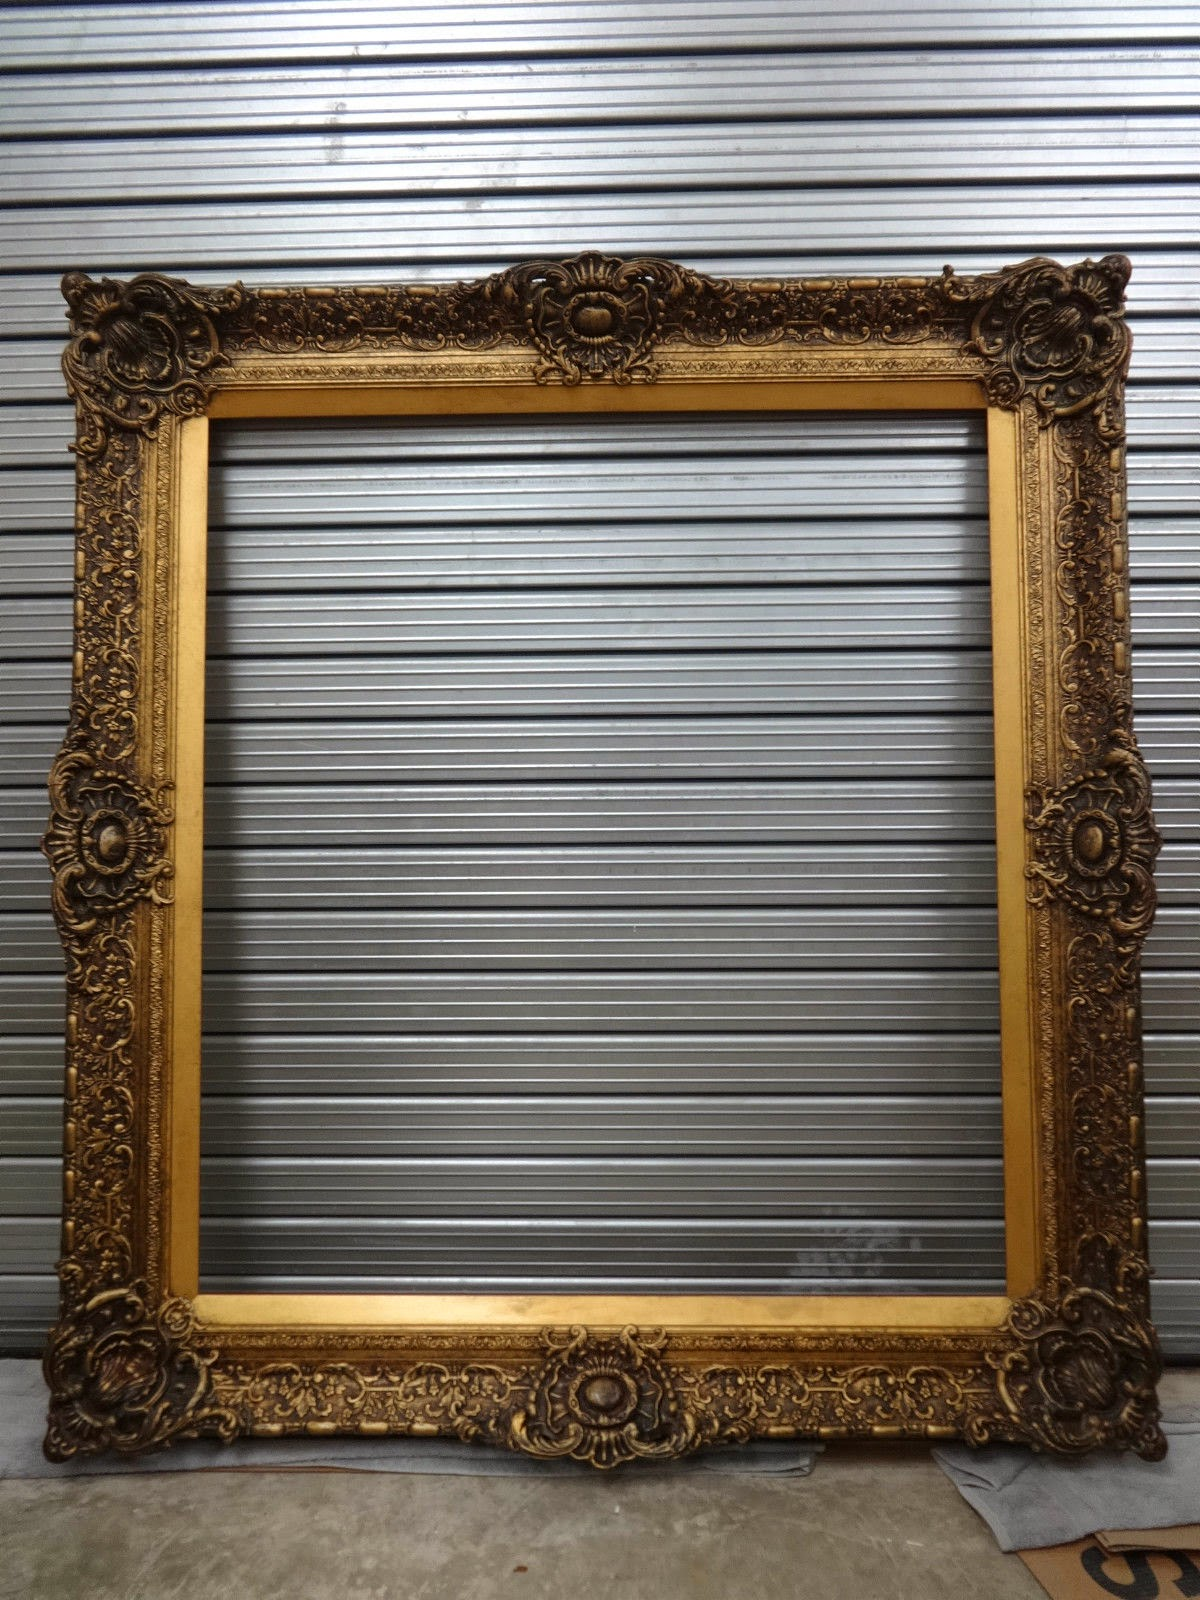 Antique frame sale huge ornate gilt frame for Large a frame